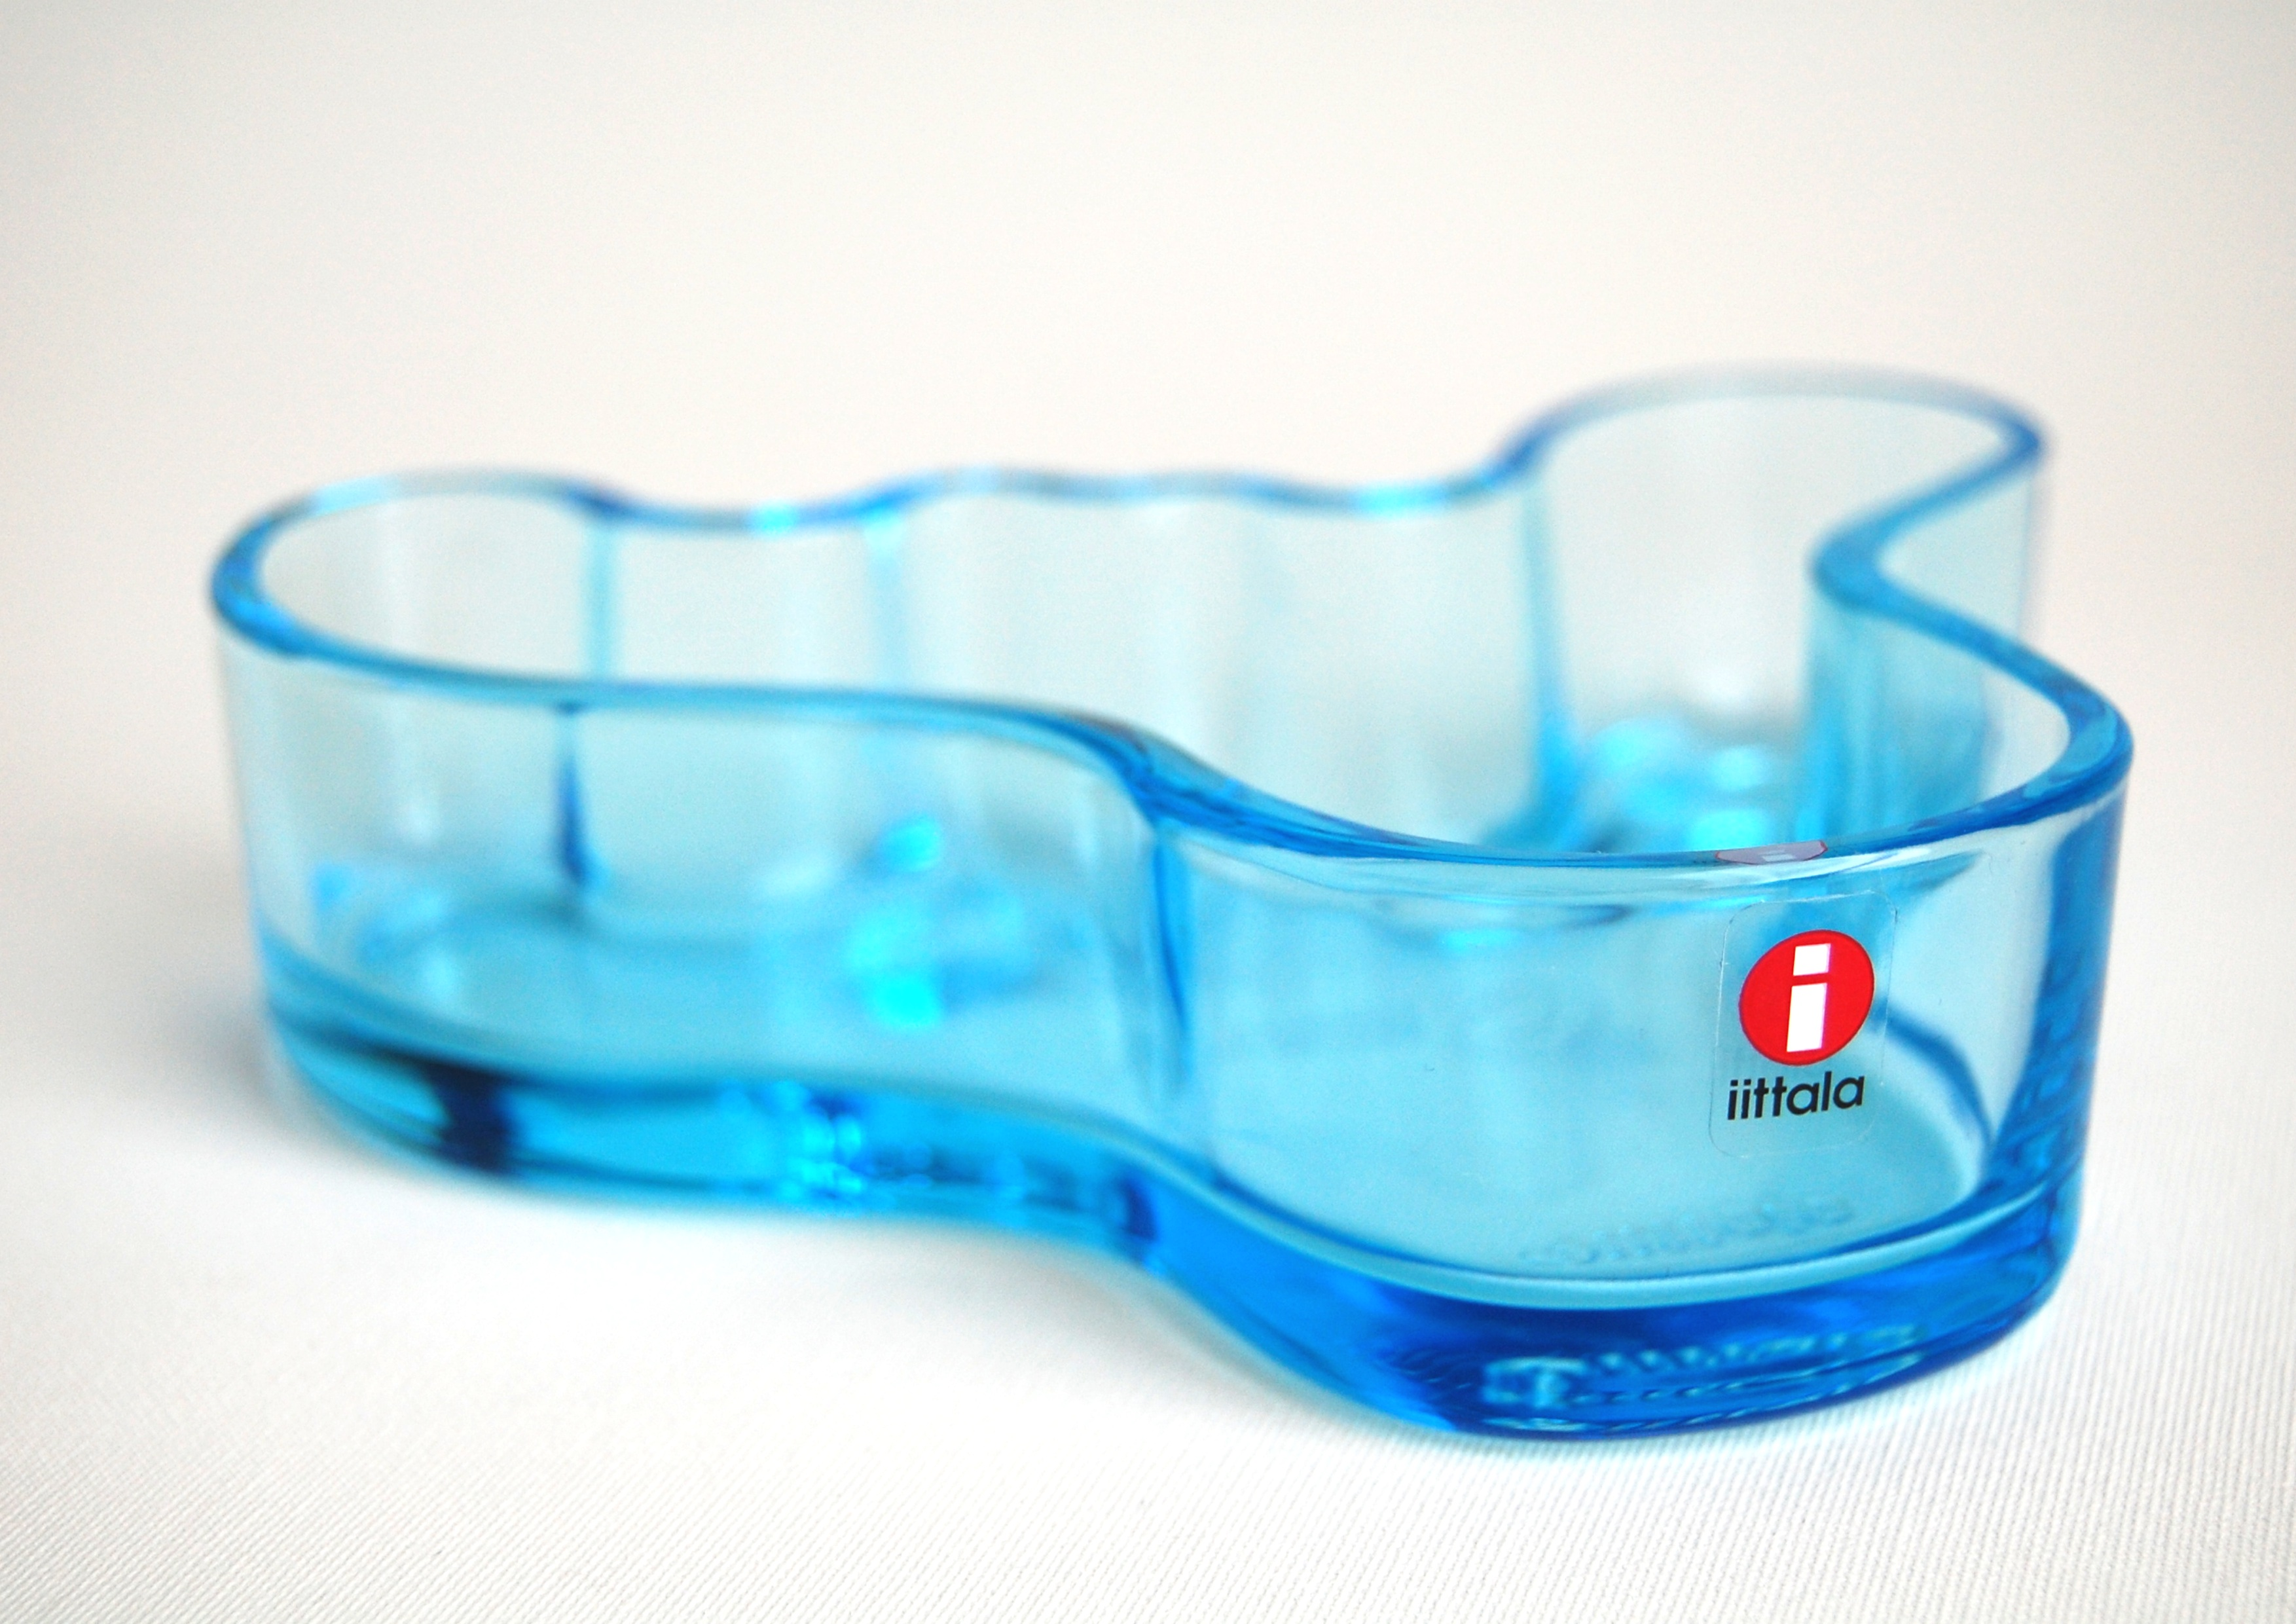 Iittala/イッタラ 13.8cm Aalto Collection/アアルトコレクション ターコイズブルー(箱付き) 001